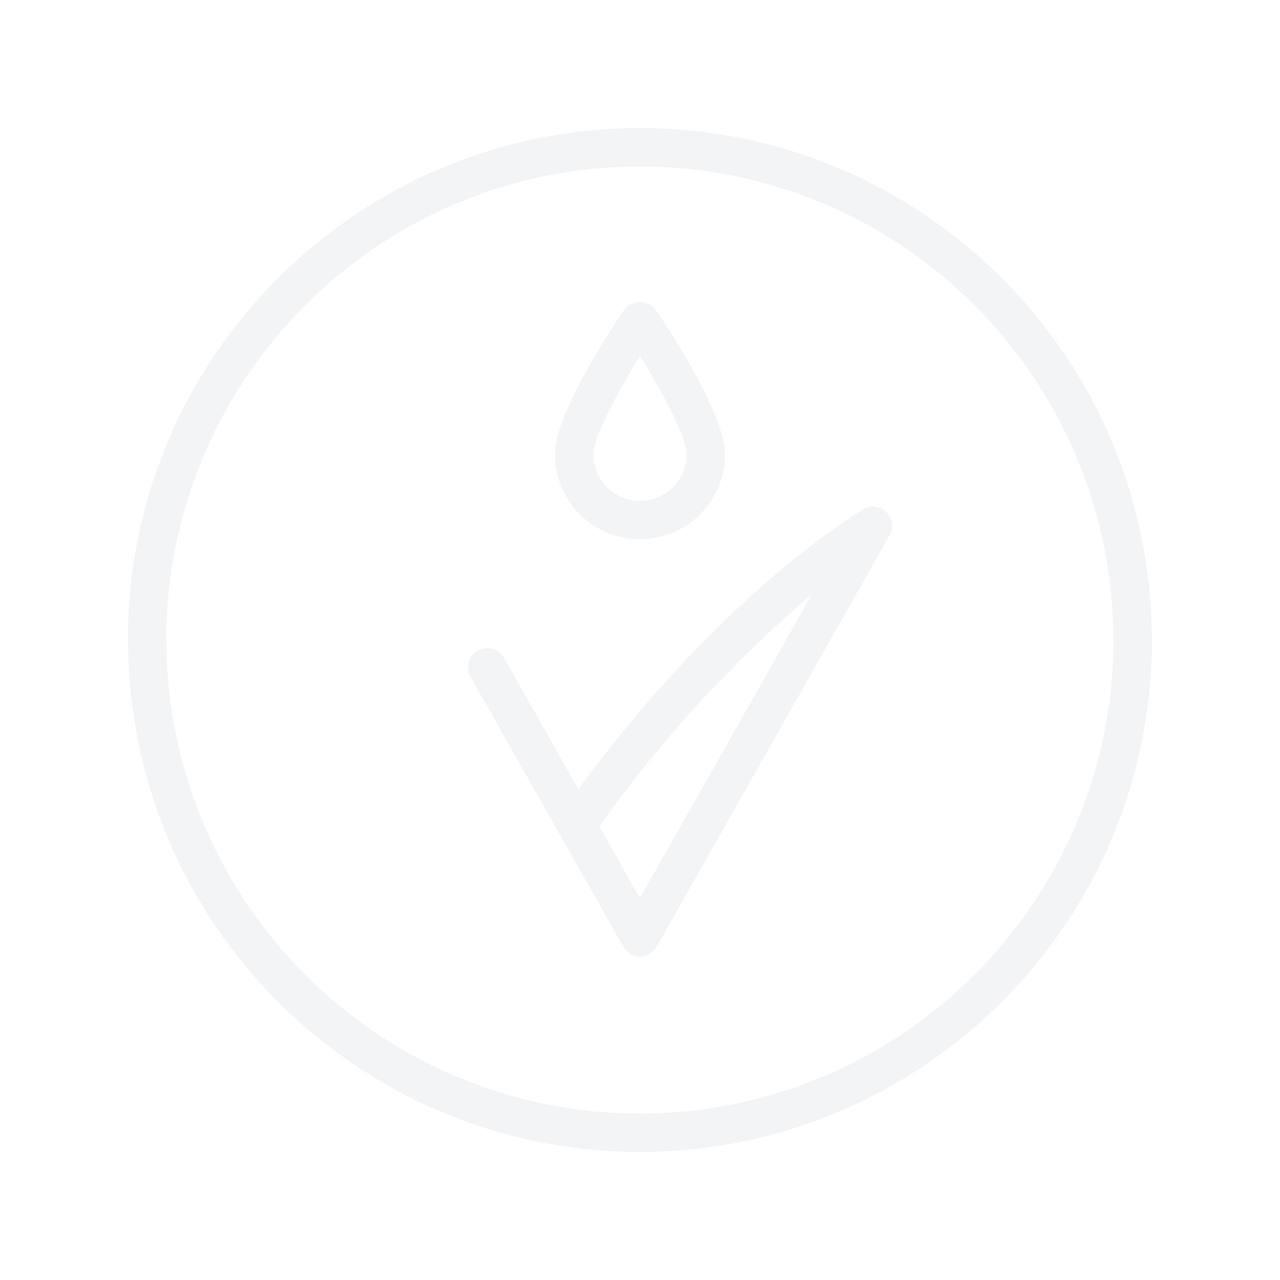 MINIGOLD Petefle Earrings